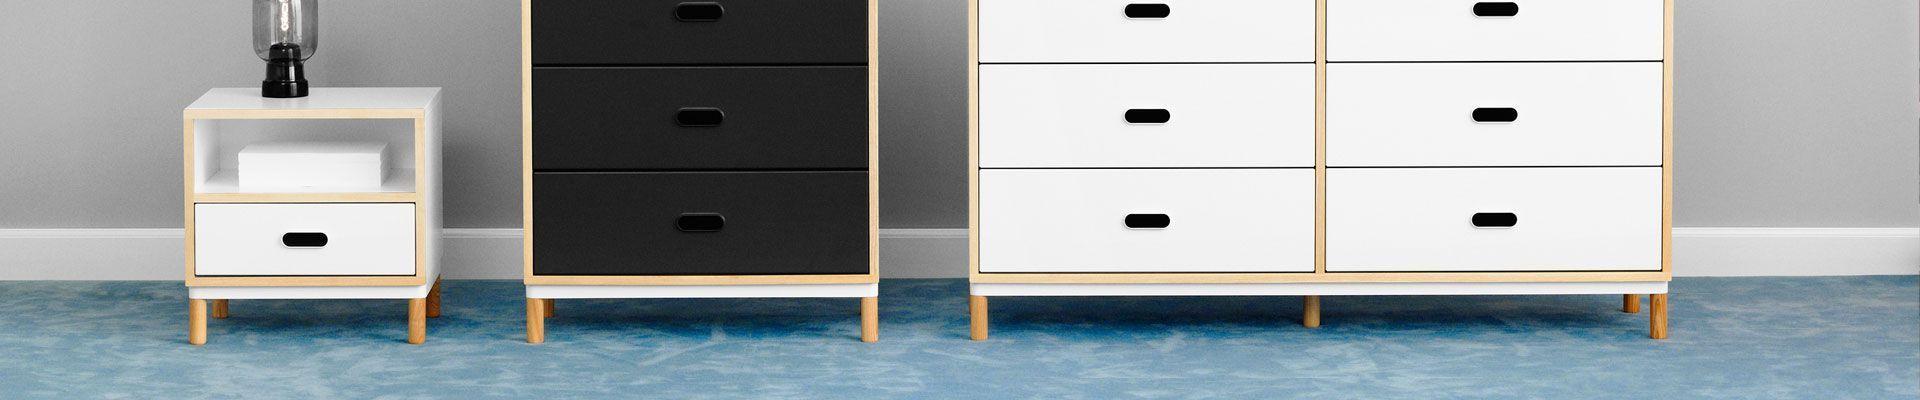 Normann Copenhagen dressoirs